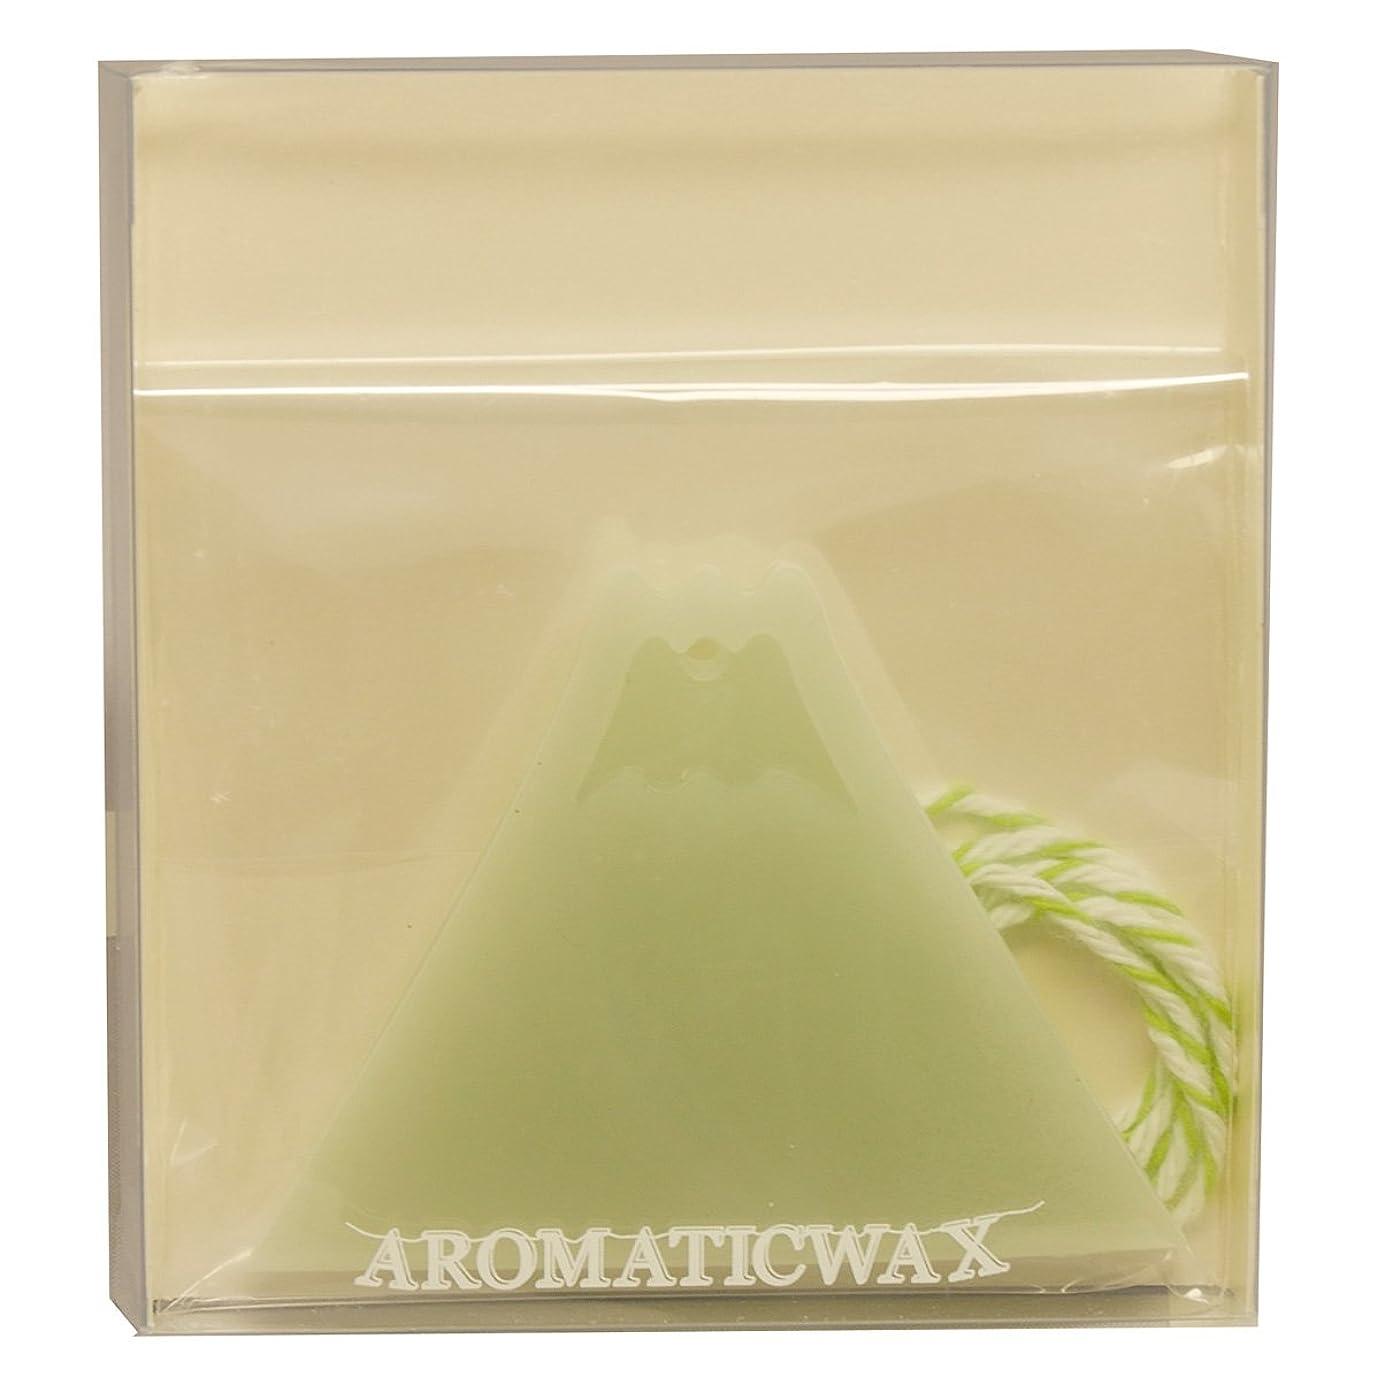 コンベンションキリスト教手入れGRASSE TOKYO AROMATICWAXチャーム「富士山」(GR) レモングラス アロマティックワックス グラーストウキョウ